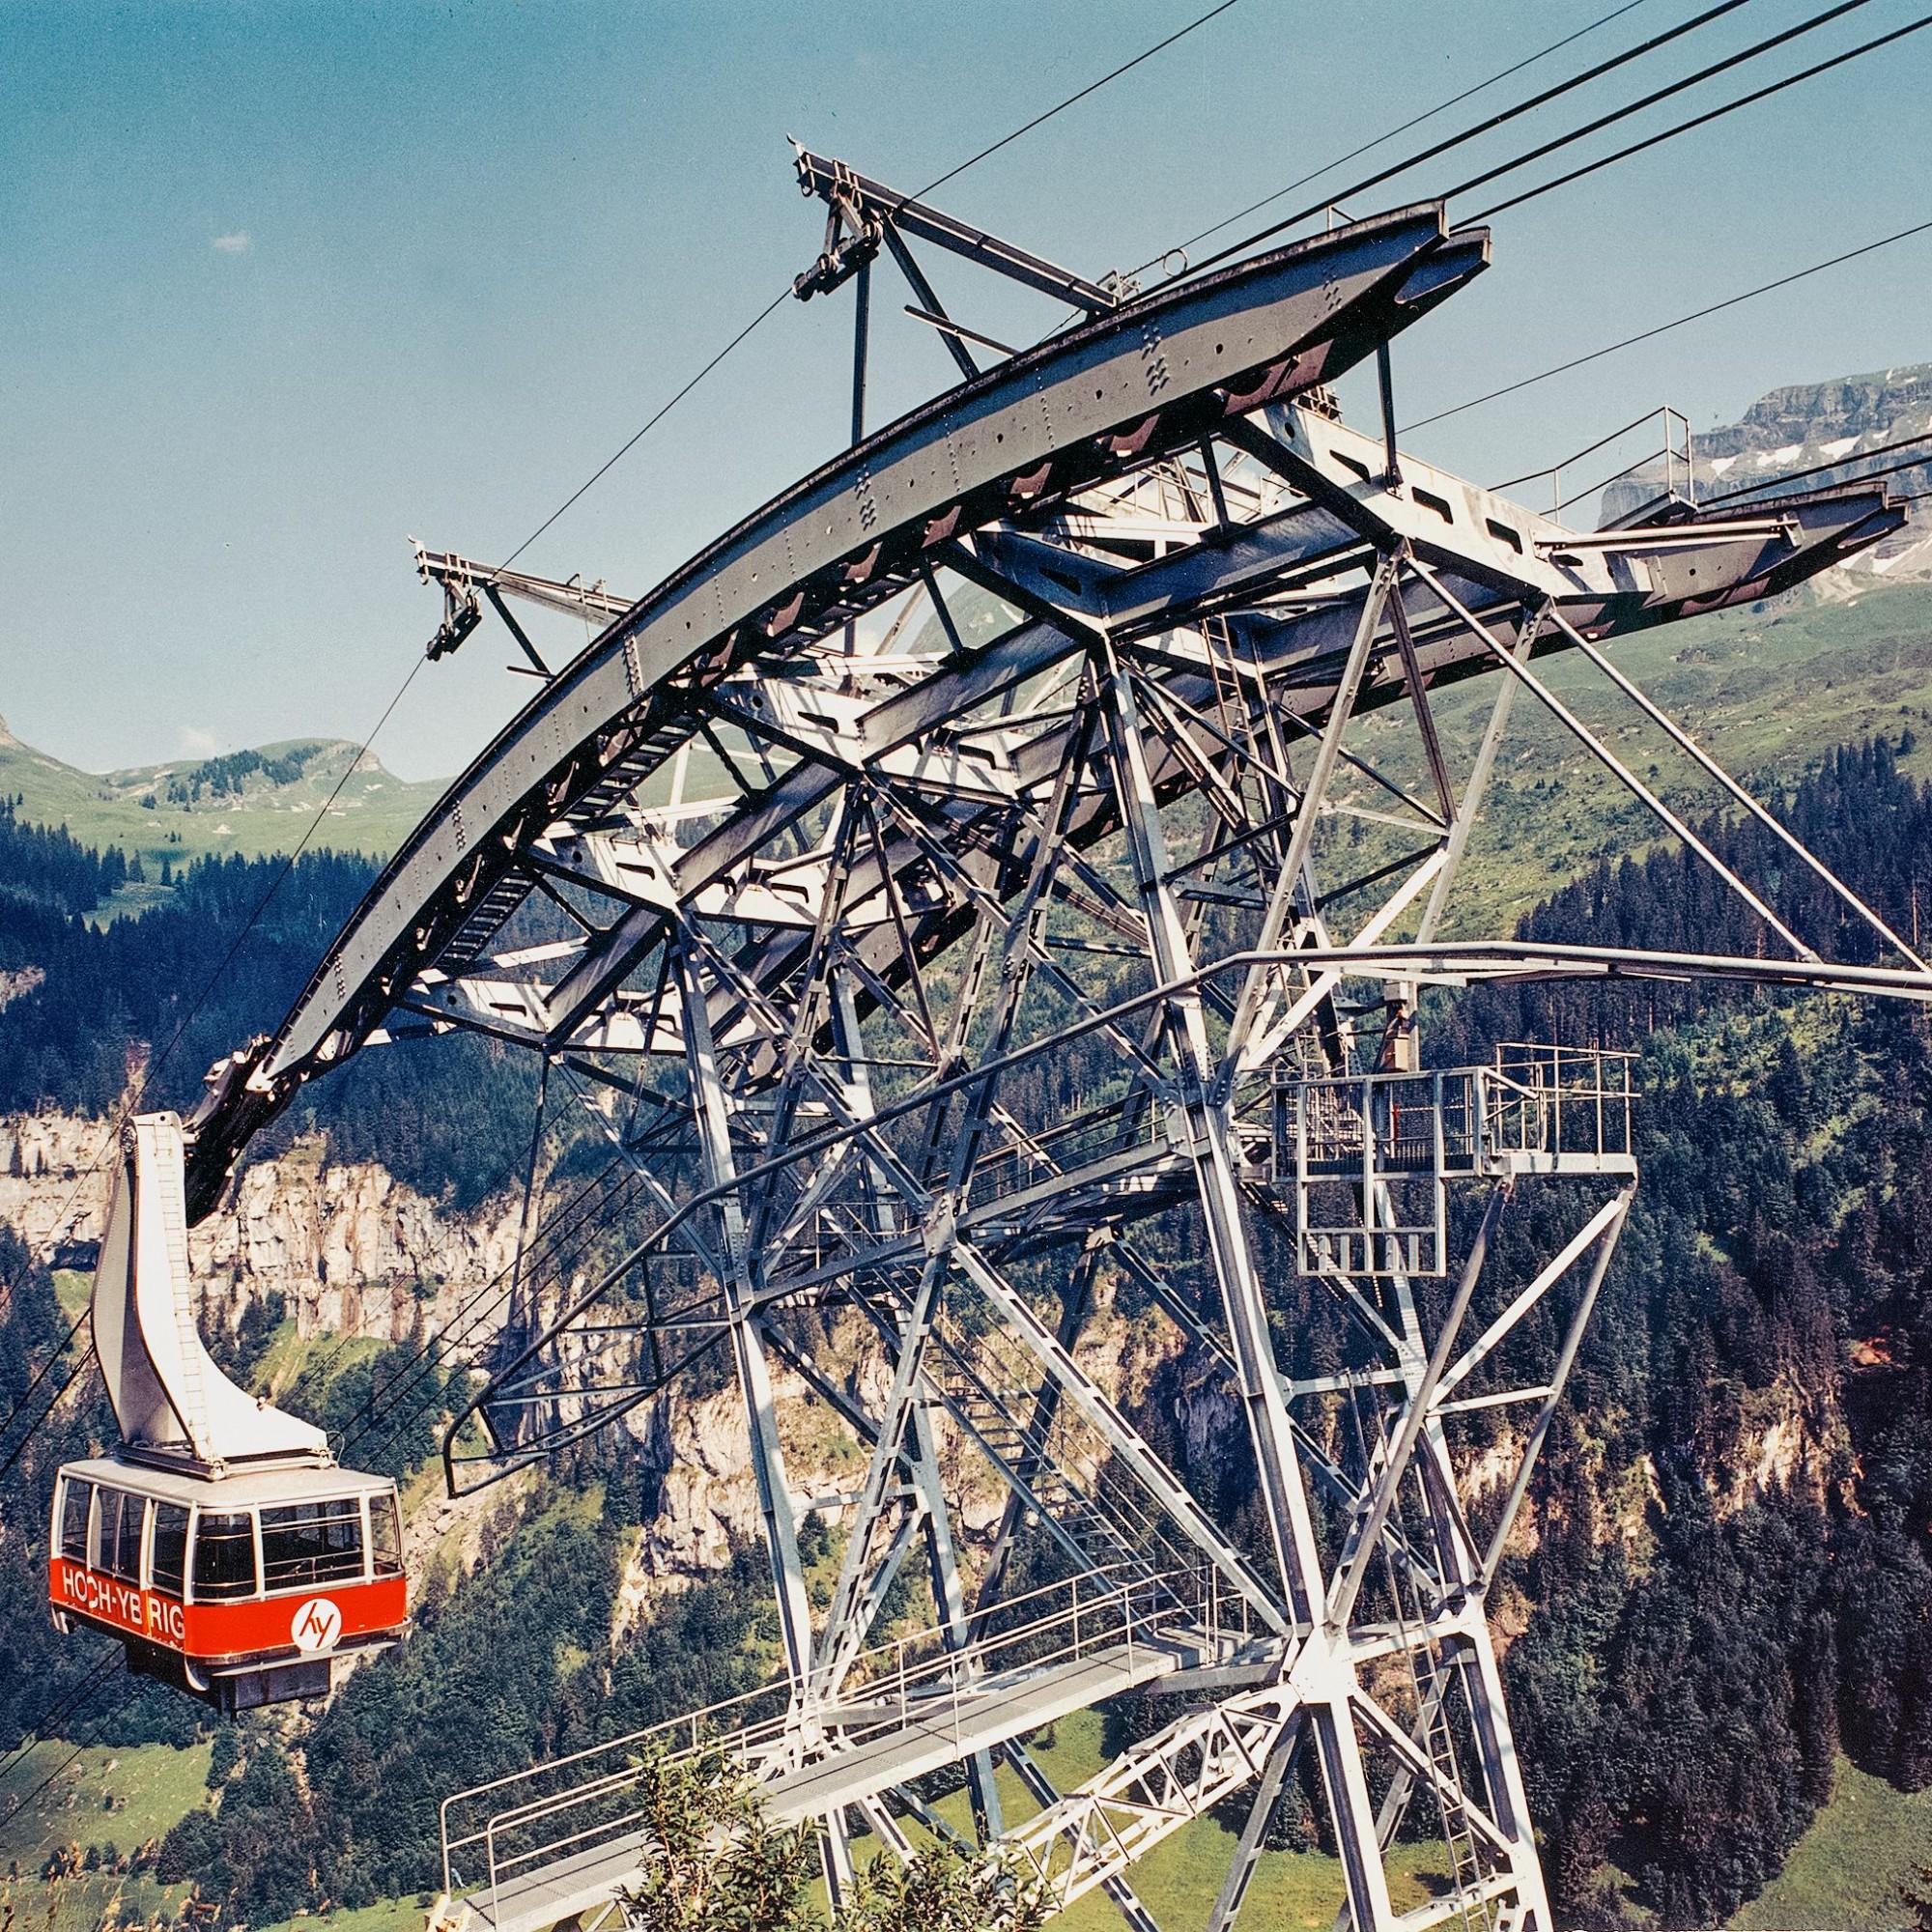 Die 1969/70 von Garaventa erstellte Grossraum-Pendelbahn im Gebiet Hoch-Ybrig ist ein wichtiges Bauwerk in der Firmengeschichte.